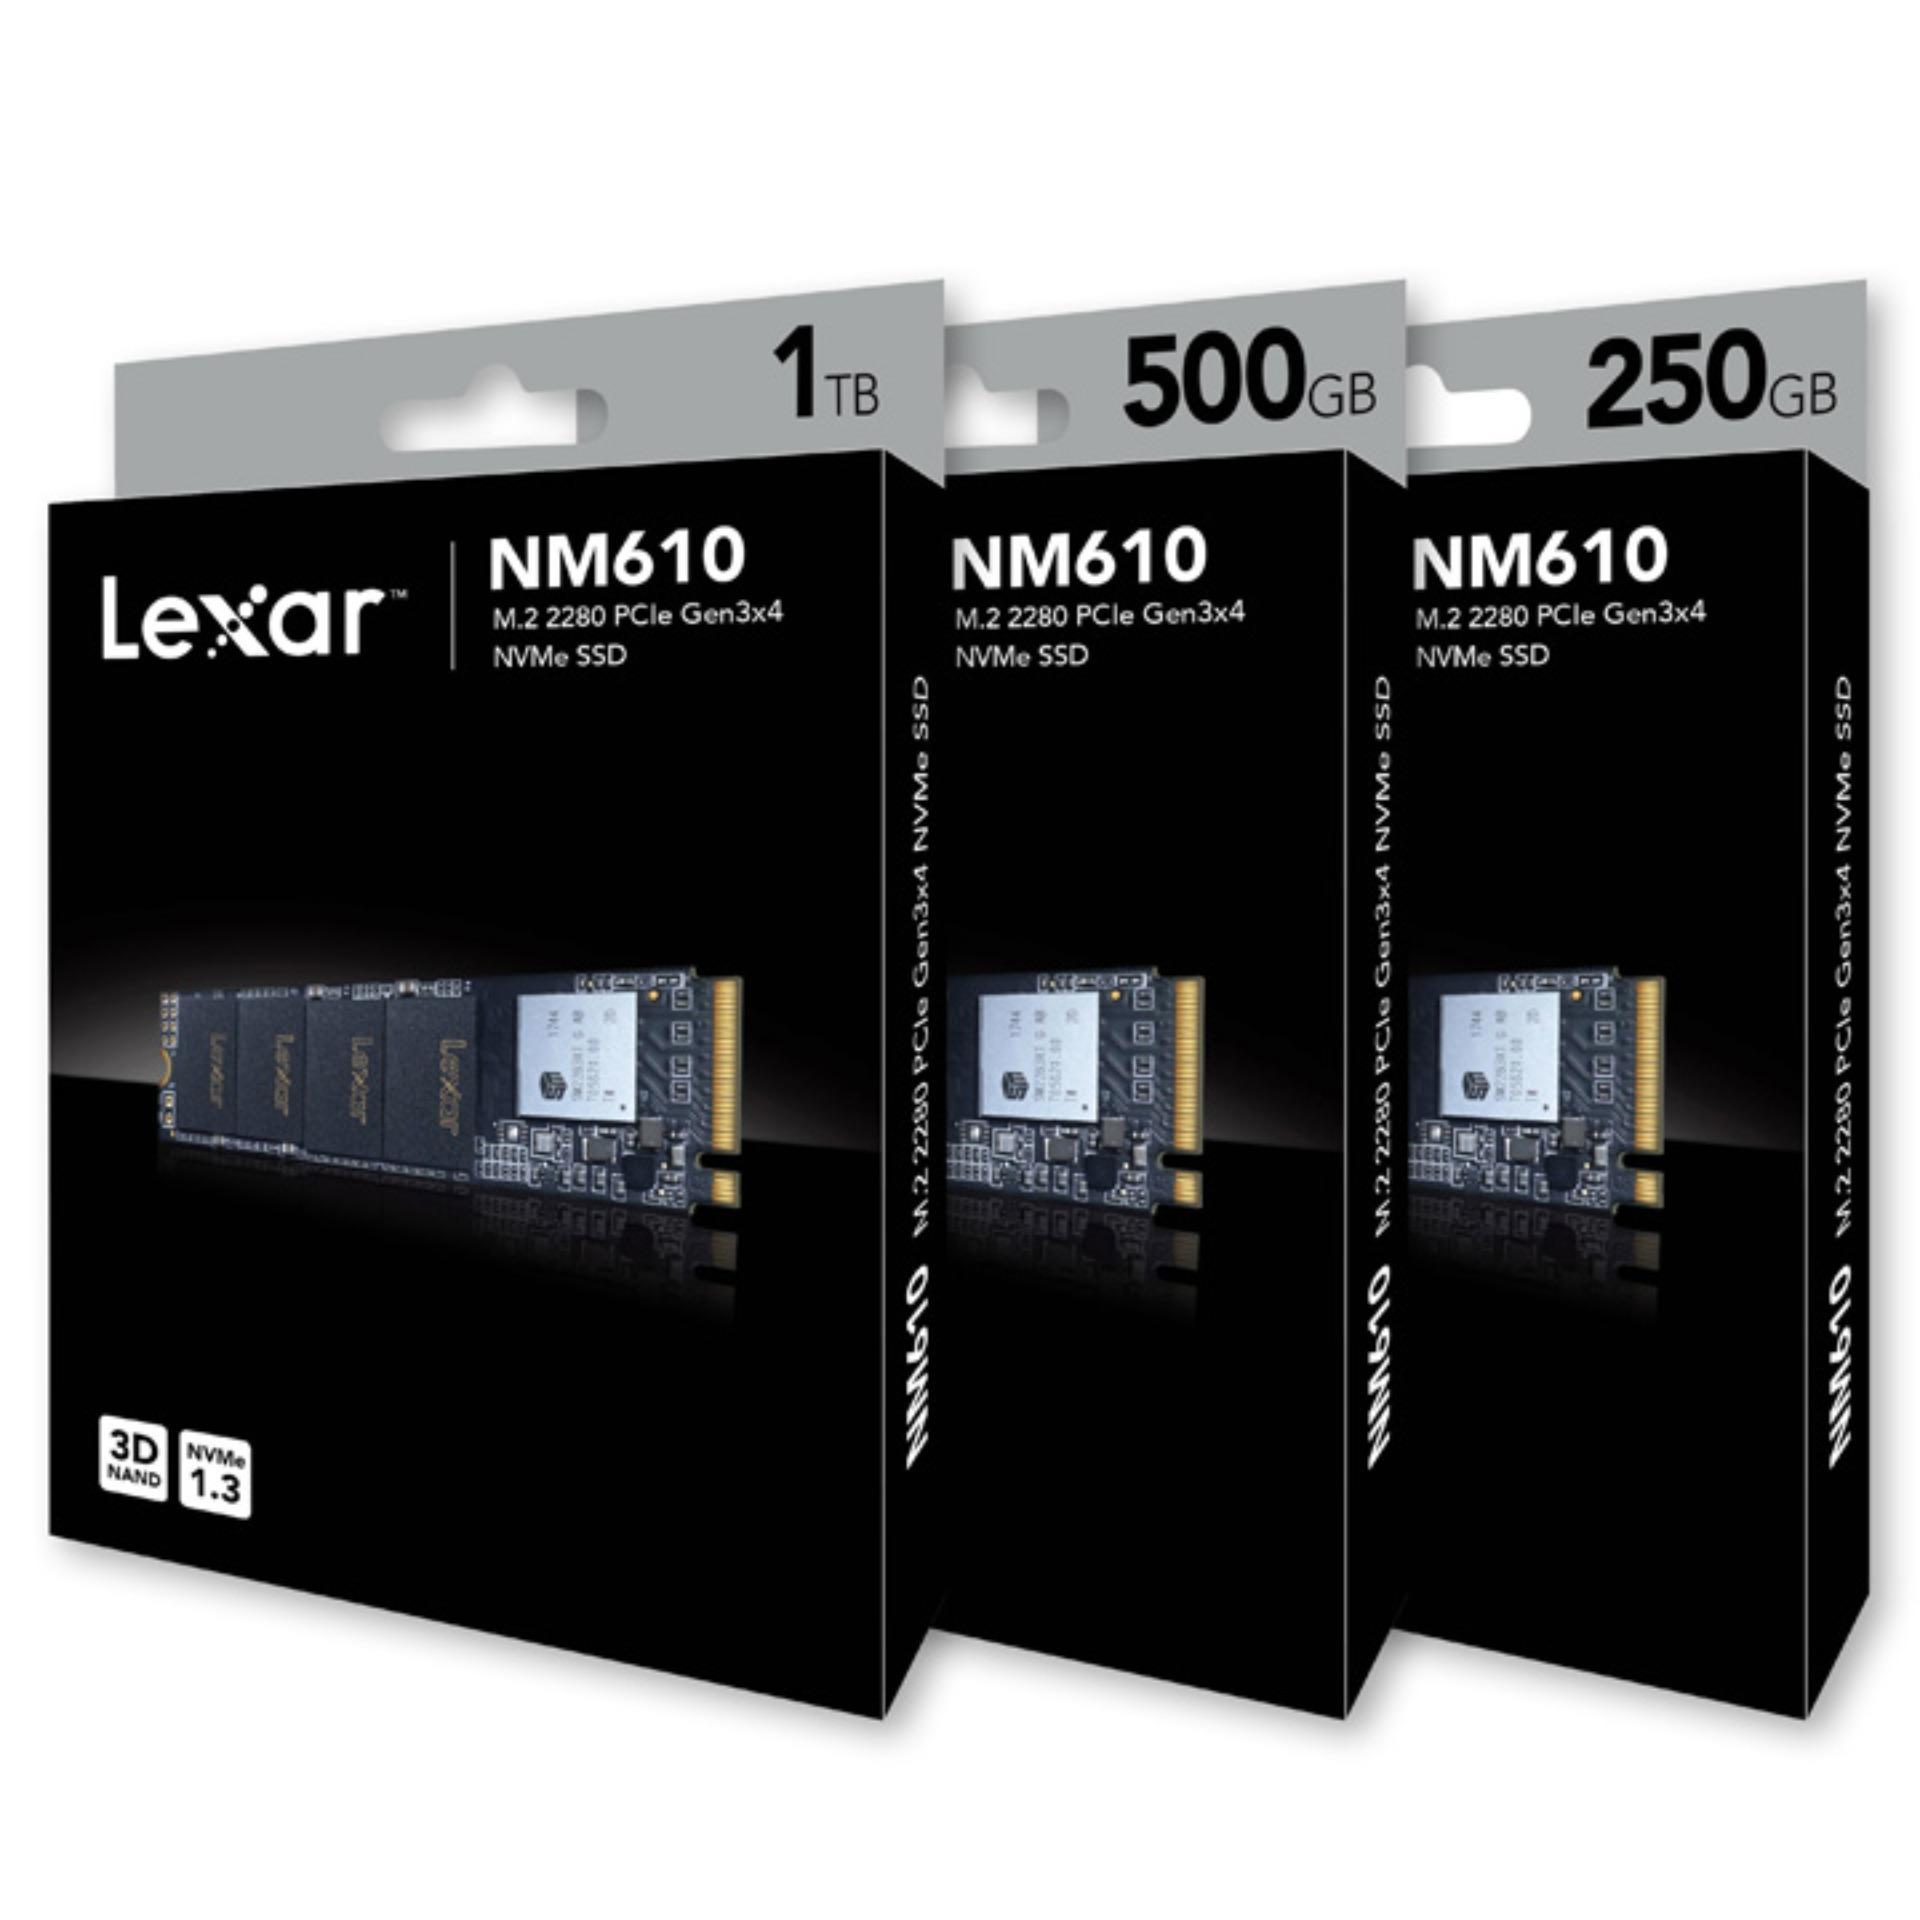 Giá Ổ cứng SSD PCIe NVMe Lexar NM610 250GB 500GB 1TB - bảo hành 3 năm